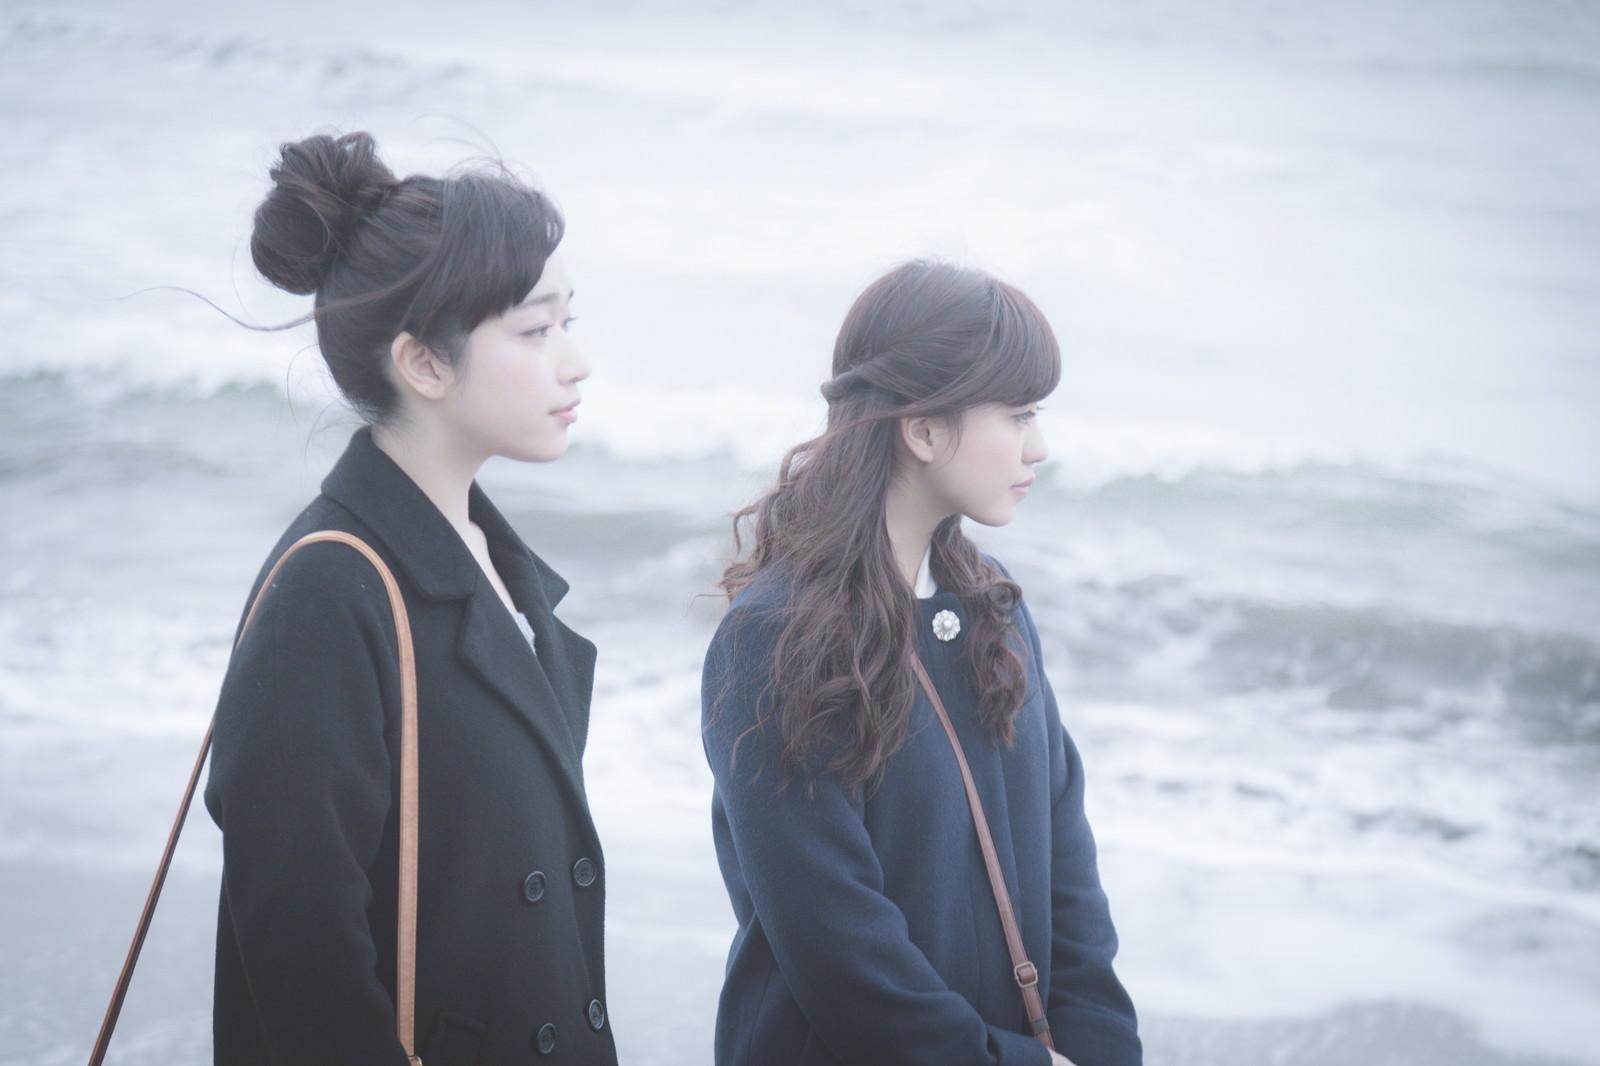 「季節外れの海を訪れた訳ありガールズ」の写真[モデル:河村友歌 渡辺友美子]